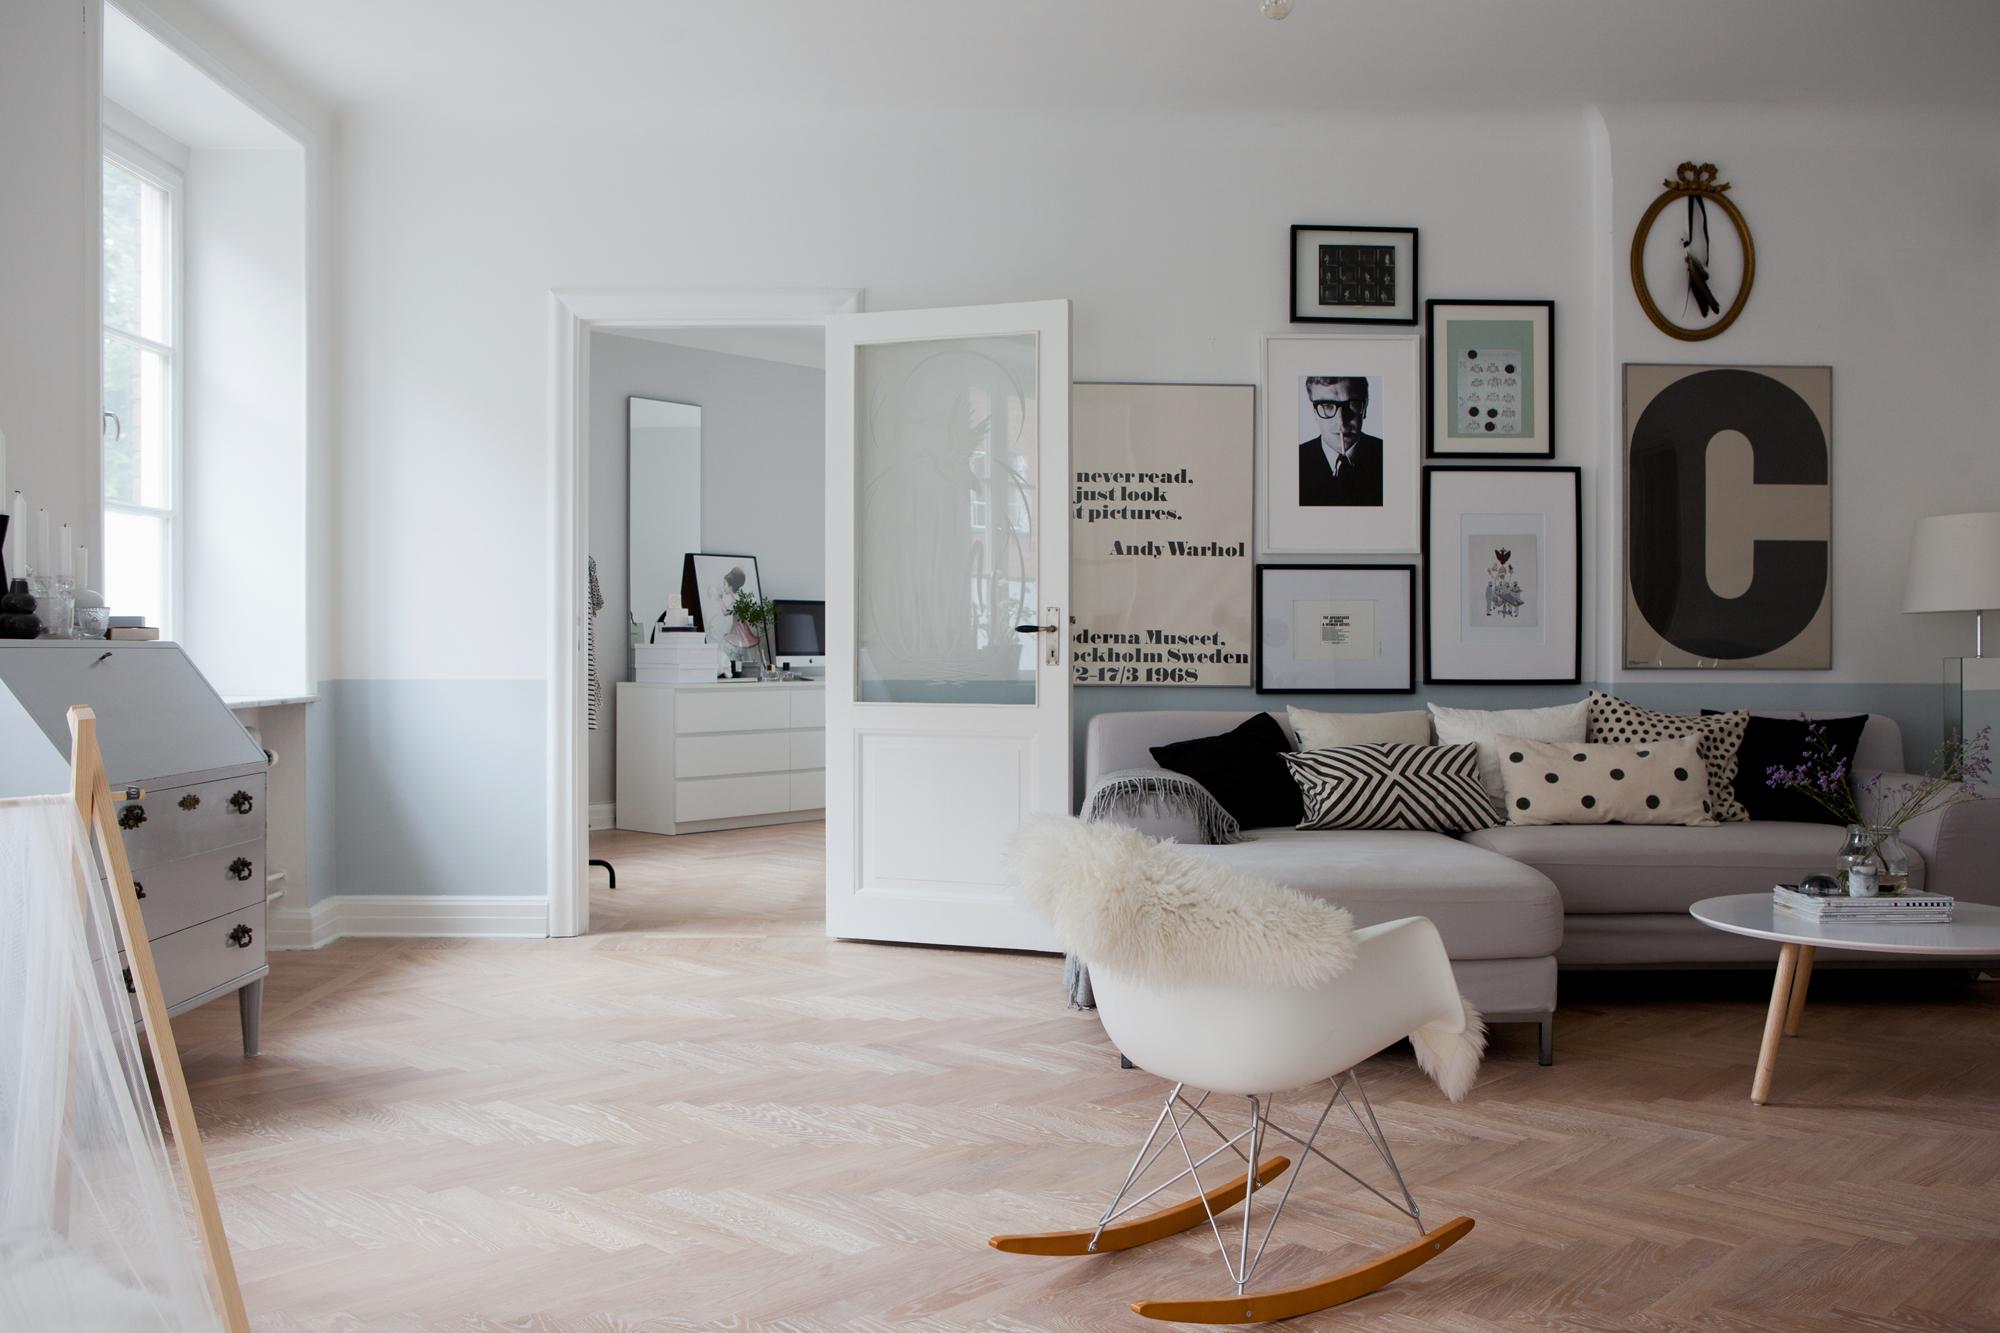 Woonkamer verf voorbeelden: page eiken slaapkamer verven woonkamer ...